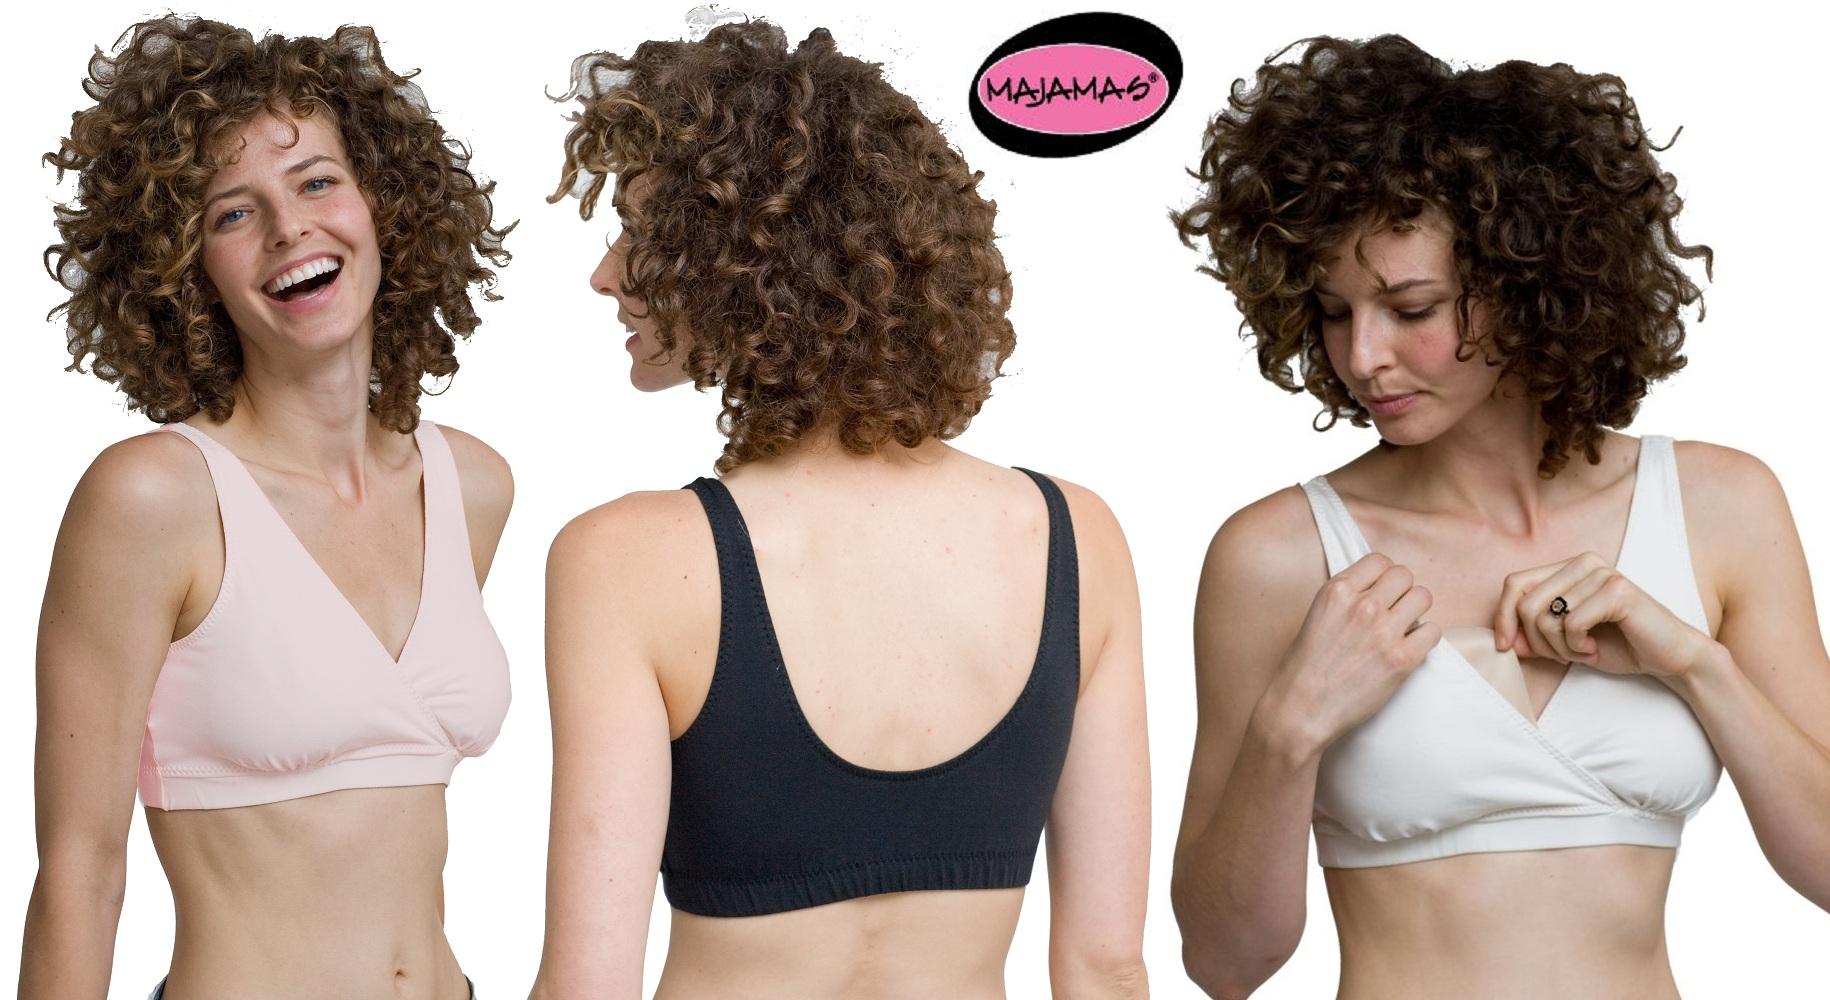 majamas-organic-daily-nursing-bra-all.jpg